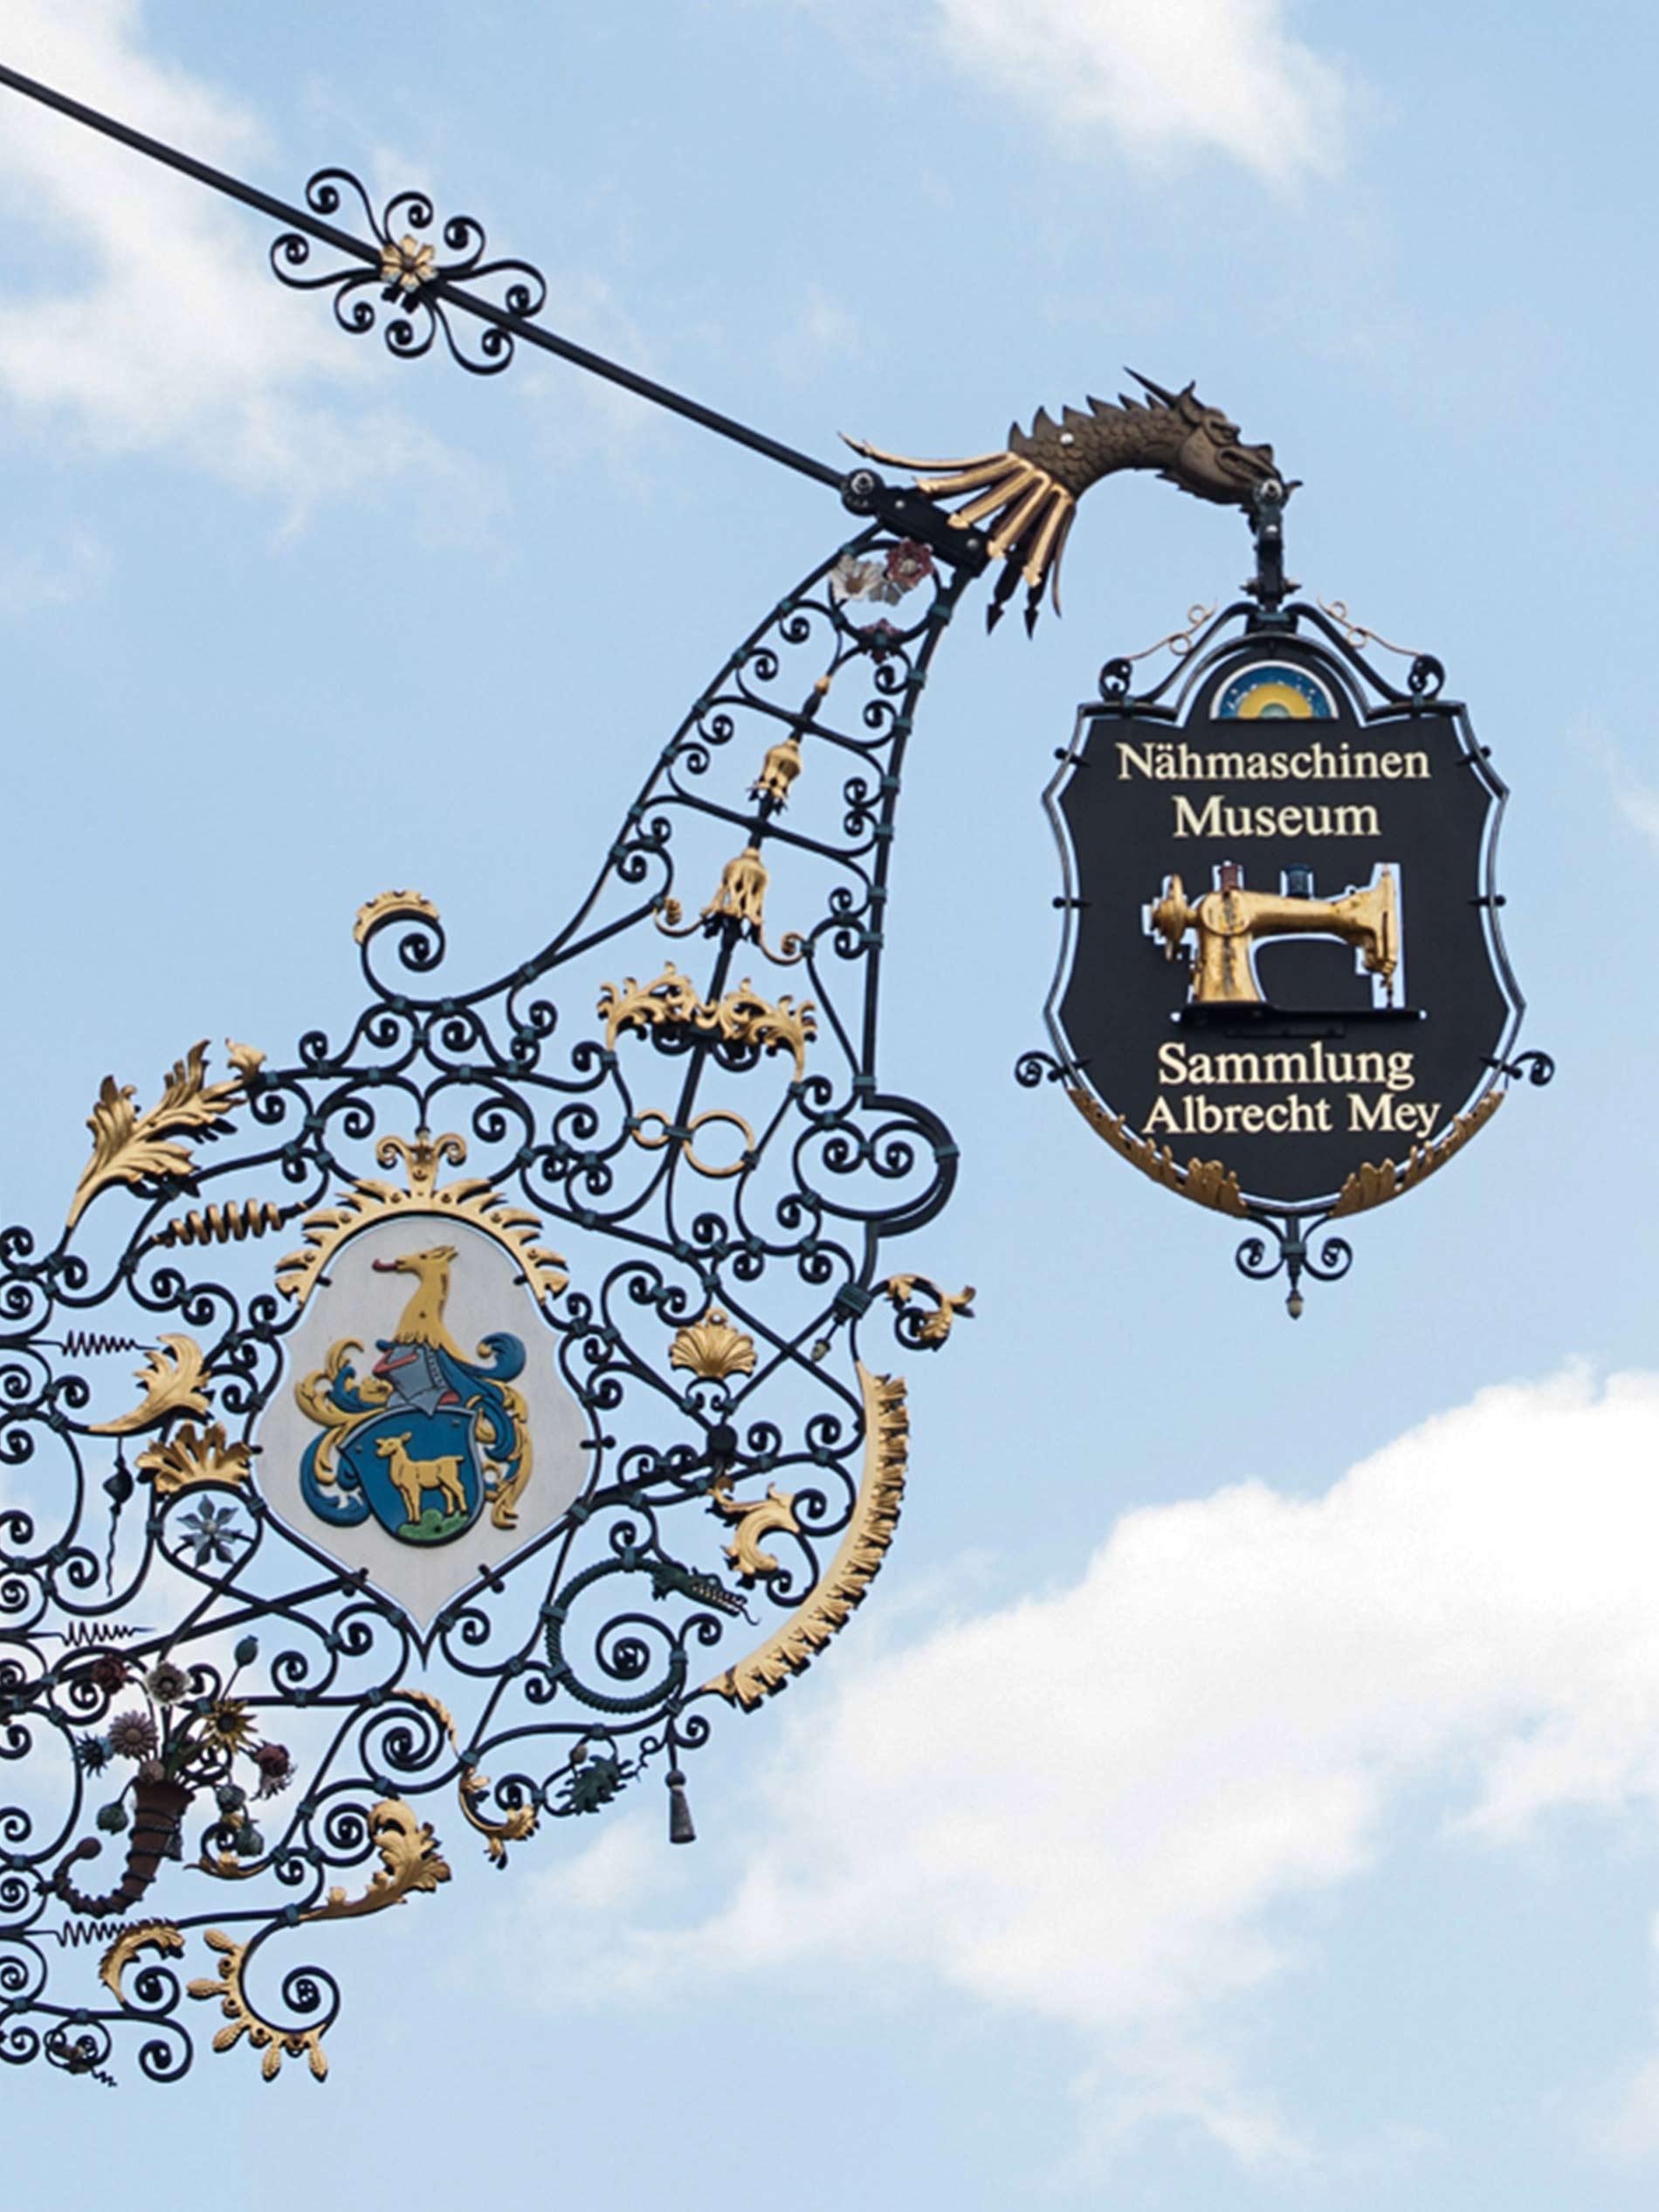 Gusseisernes, mit Blüten verziertes Wappen des Nähmaschinenmuseums Sammlung Albrecht Mey | mey®